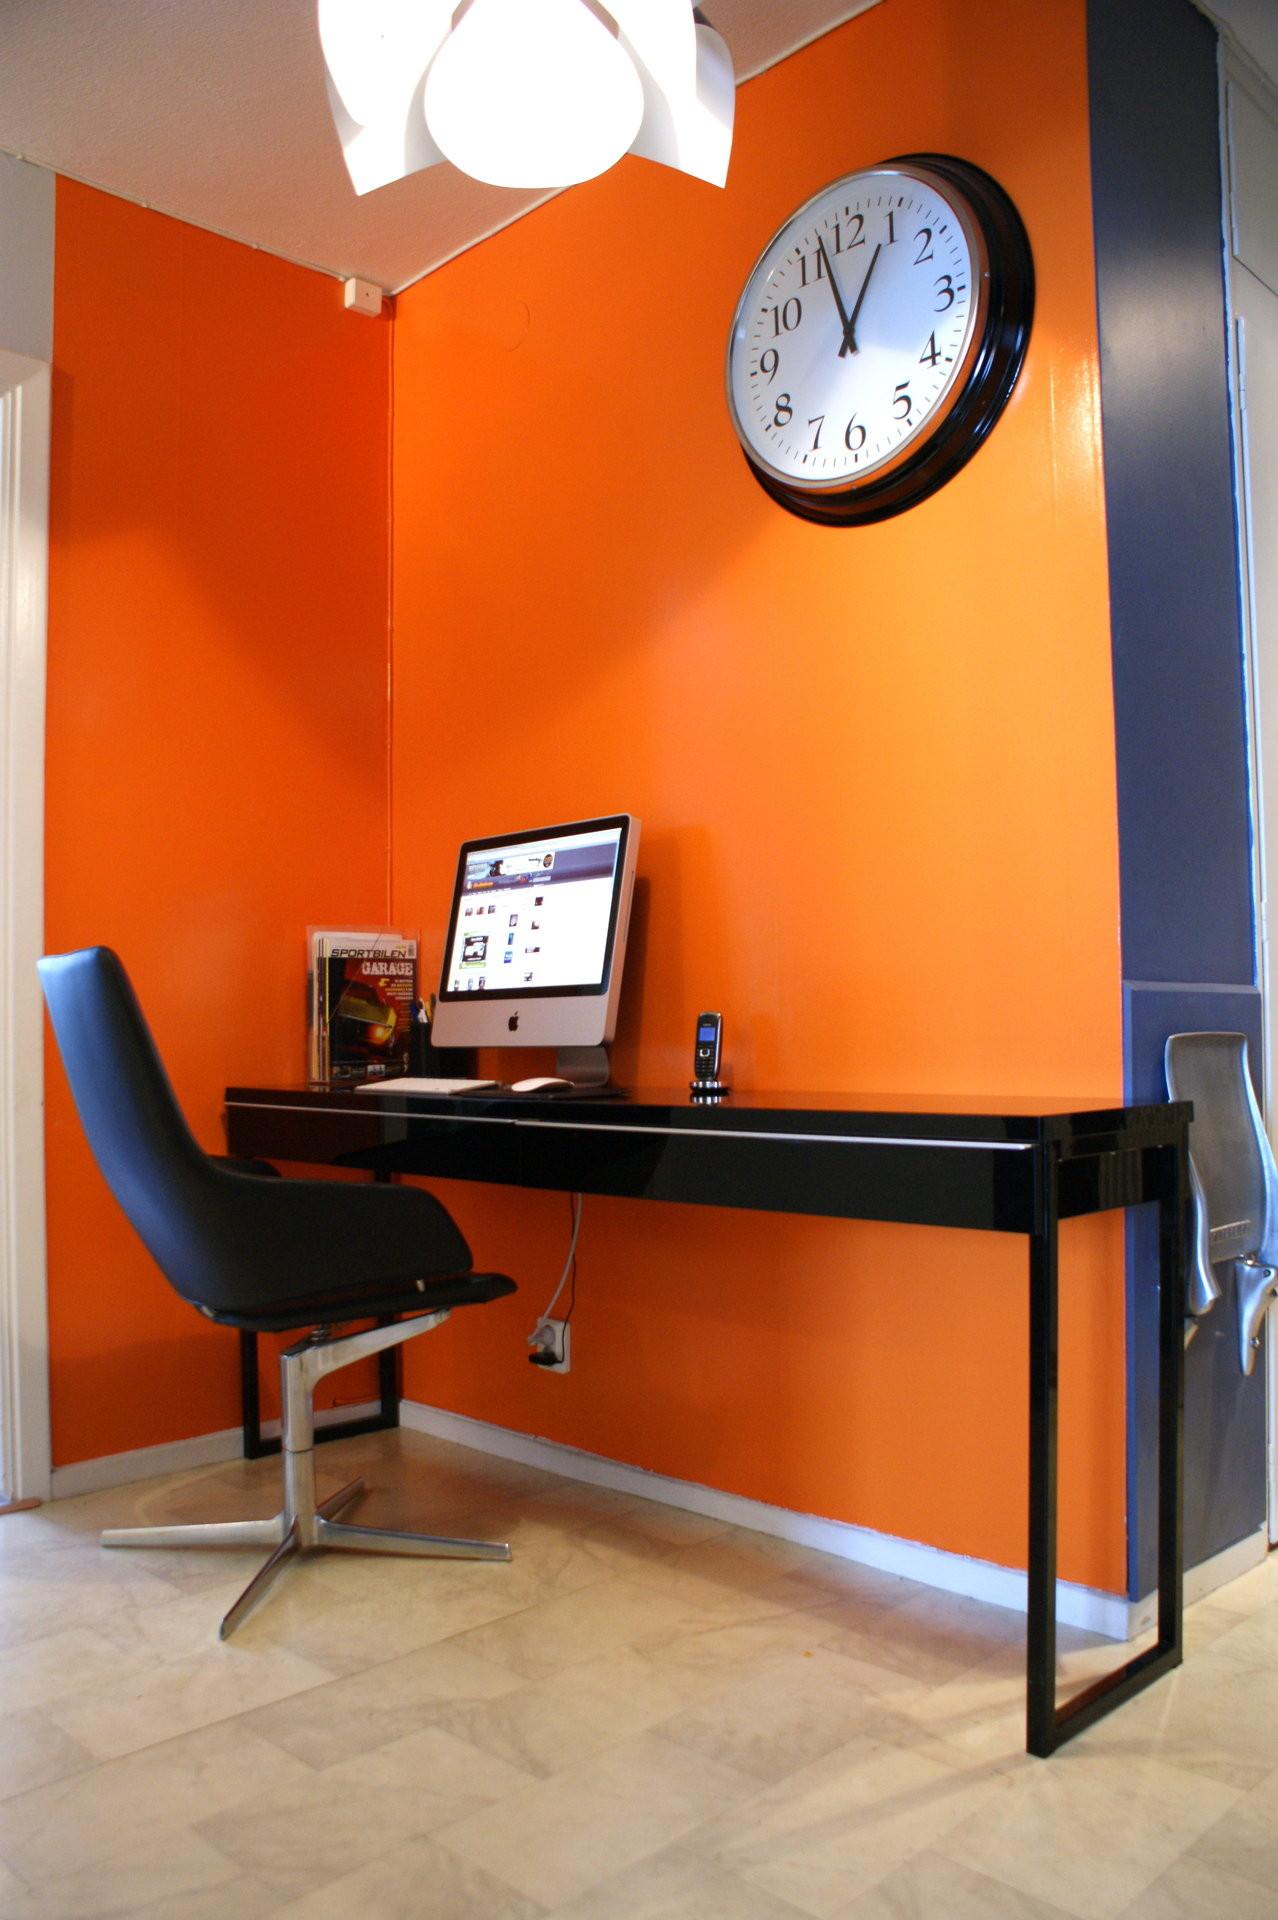 bilder p ikea bravur v ggklocka. Black Bedroom Furniture Sets. Home Design Ideas